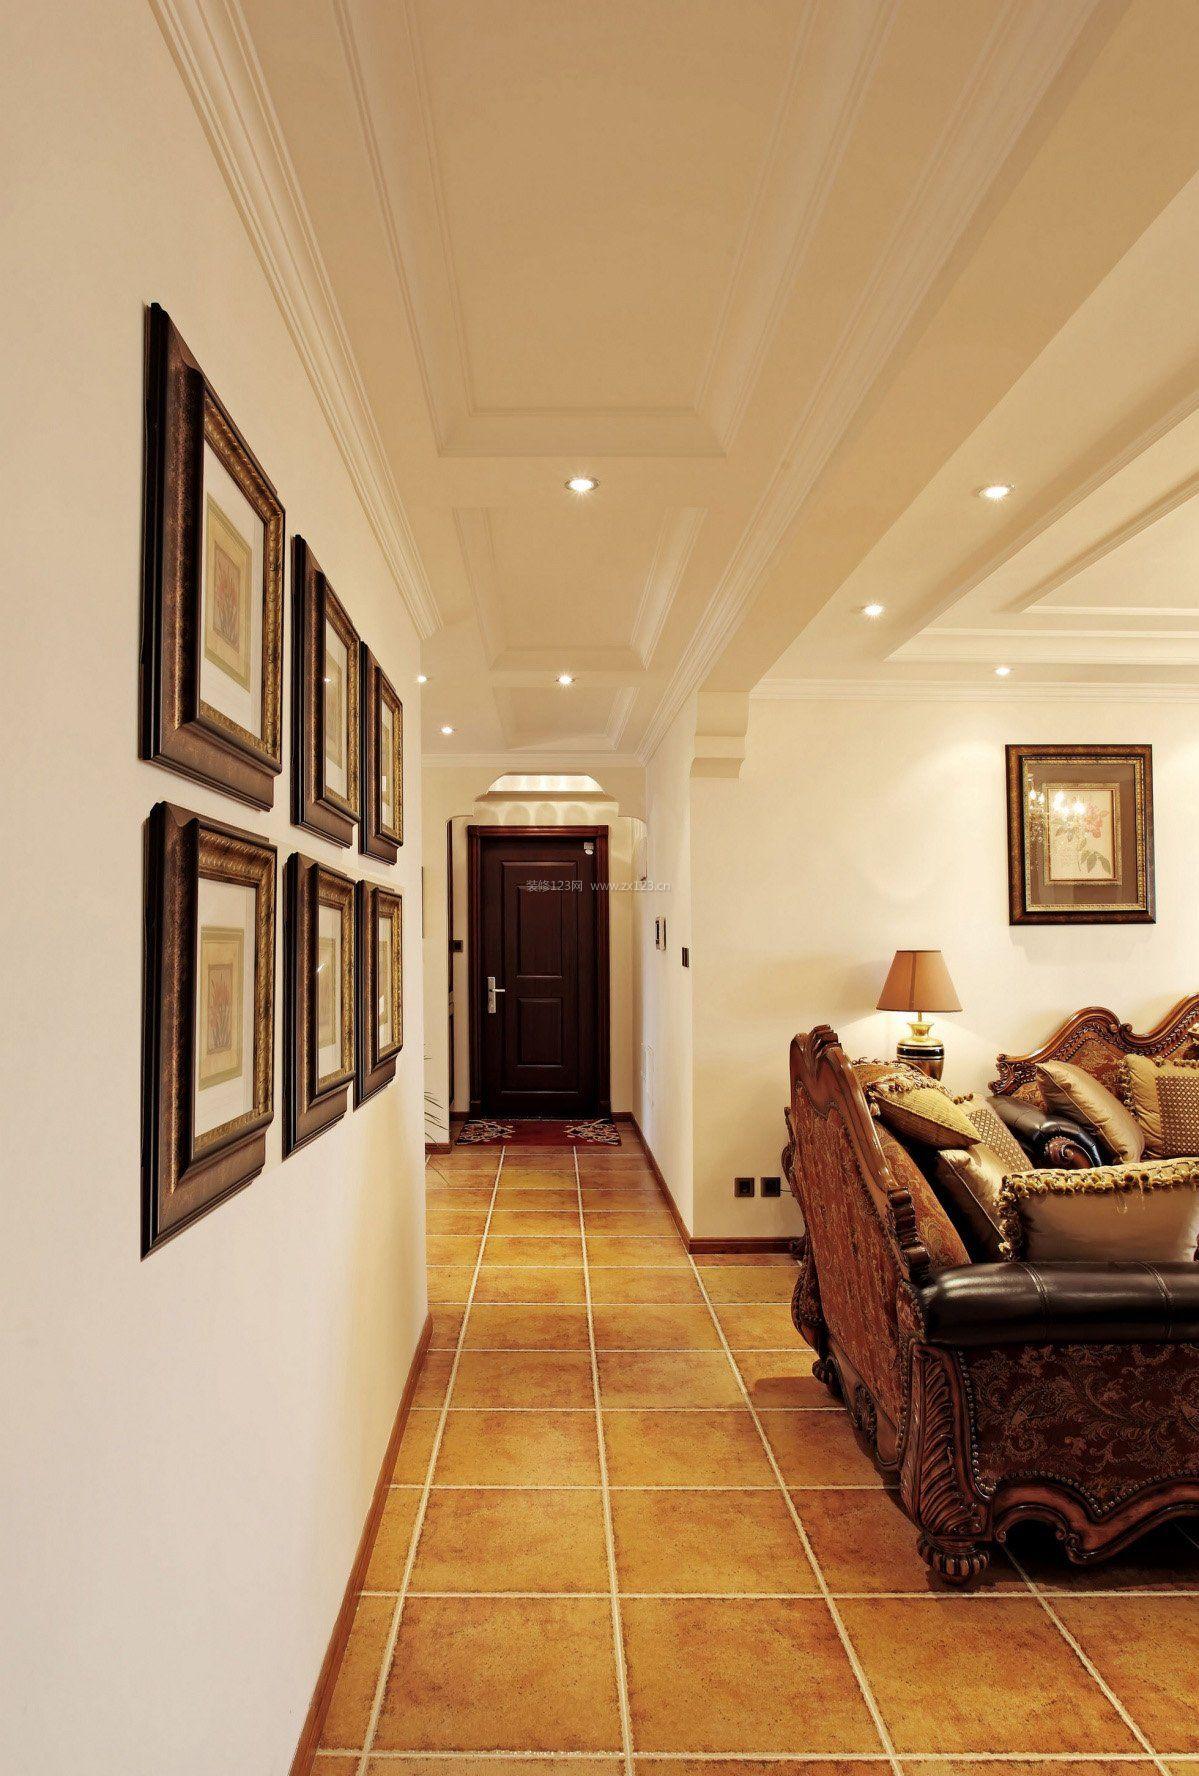 家装效果图 客厅 仿古瓷砖客厅装修效果图 提供者:   ← → 可以翻页